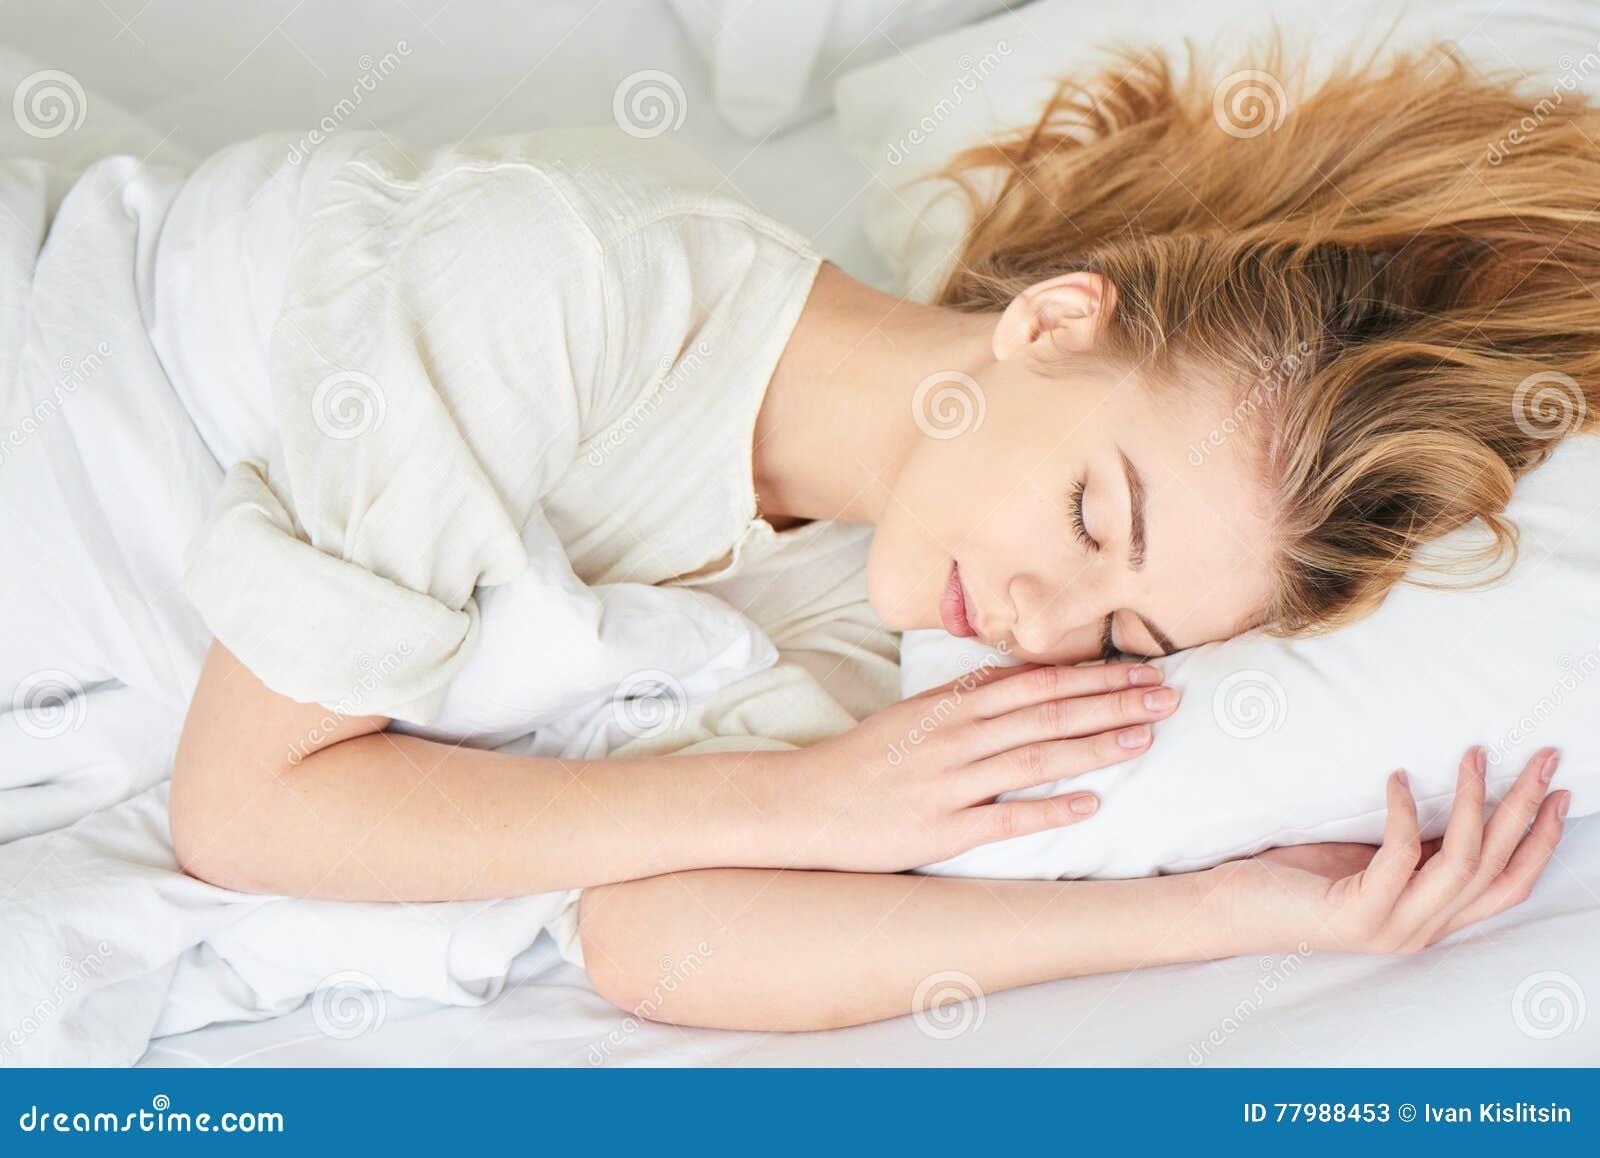 Баба спит в кровати видео